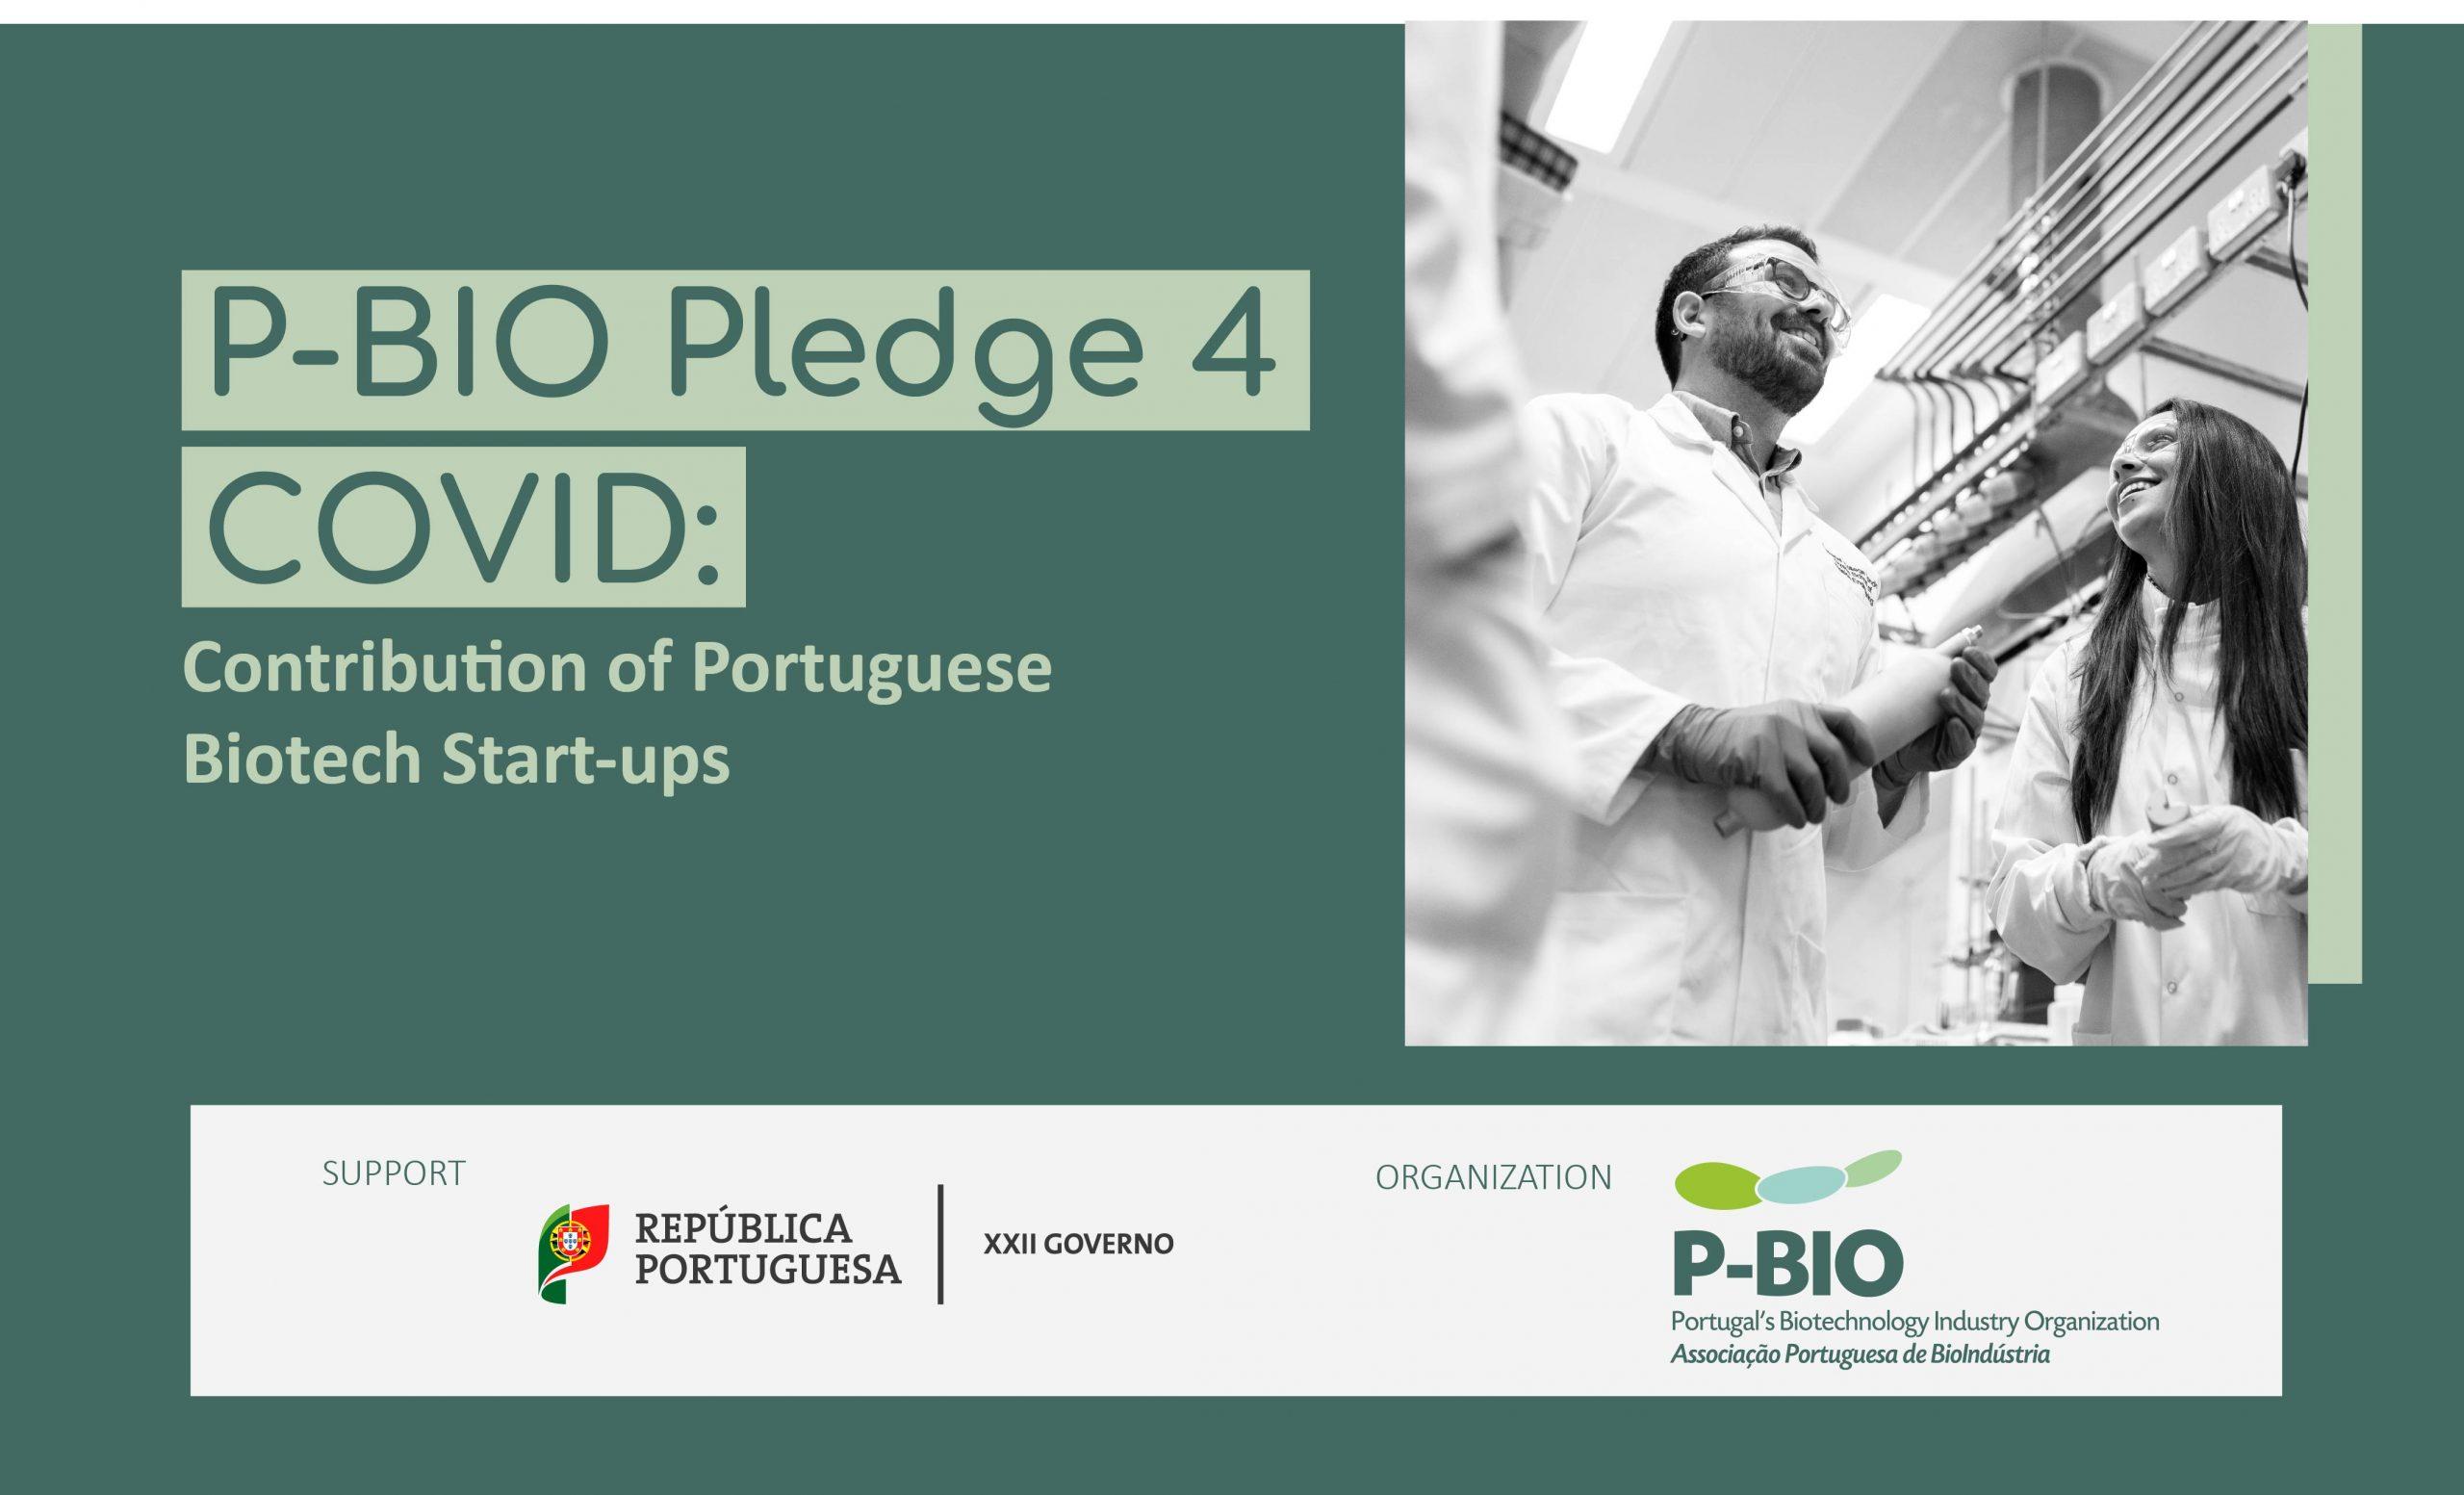 P-BIO Pledge 4 COVID – Contribuição das Bio Start-ups Portuguesas